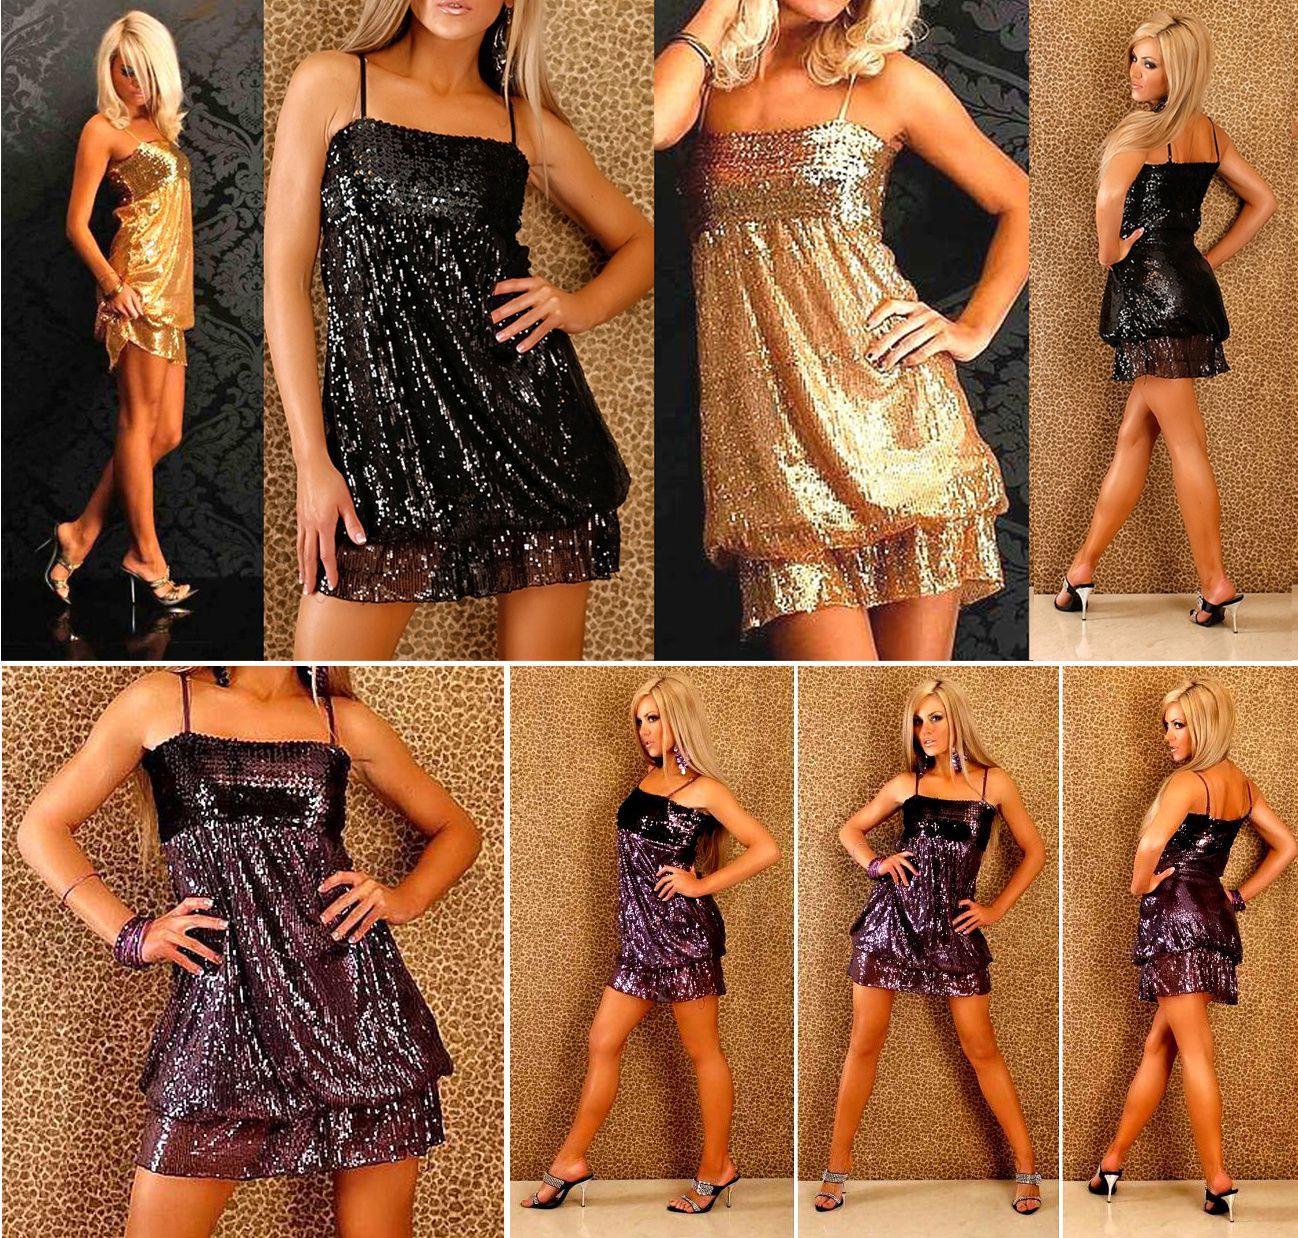 19 90 costumes de sc ne danse spectacles soir es disco mini robe paillettes or noir argent. Black Bedroom Furniture Sets. Home Design Ideas